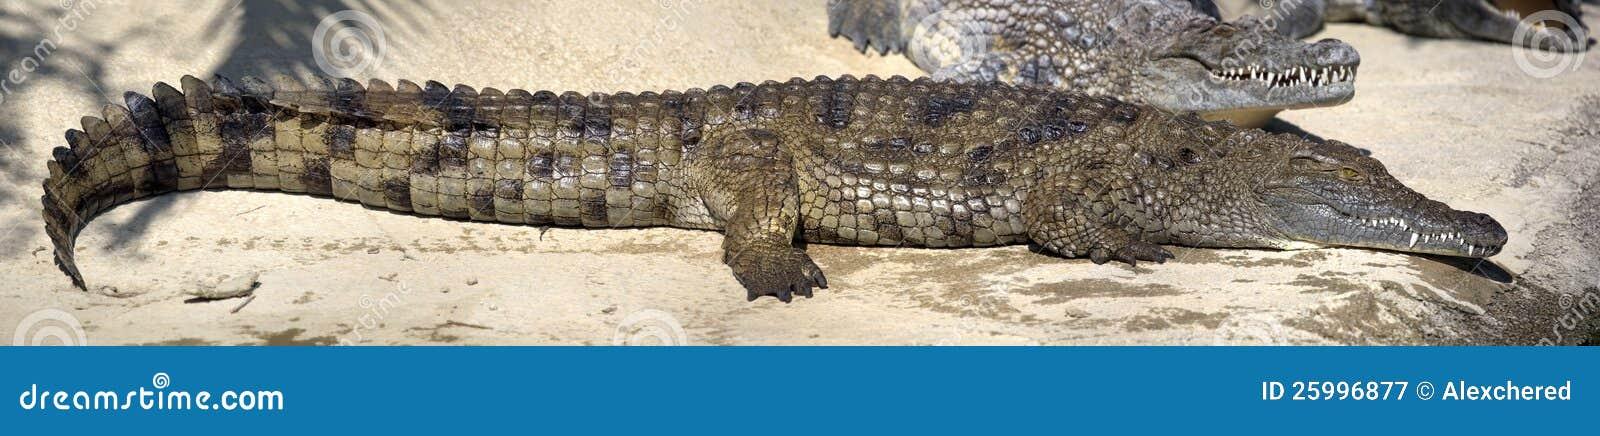 Grote natte krokodil